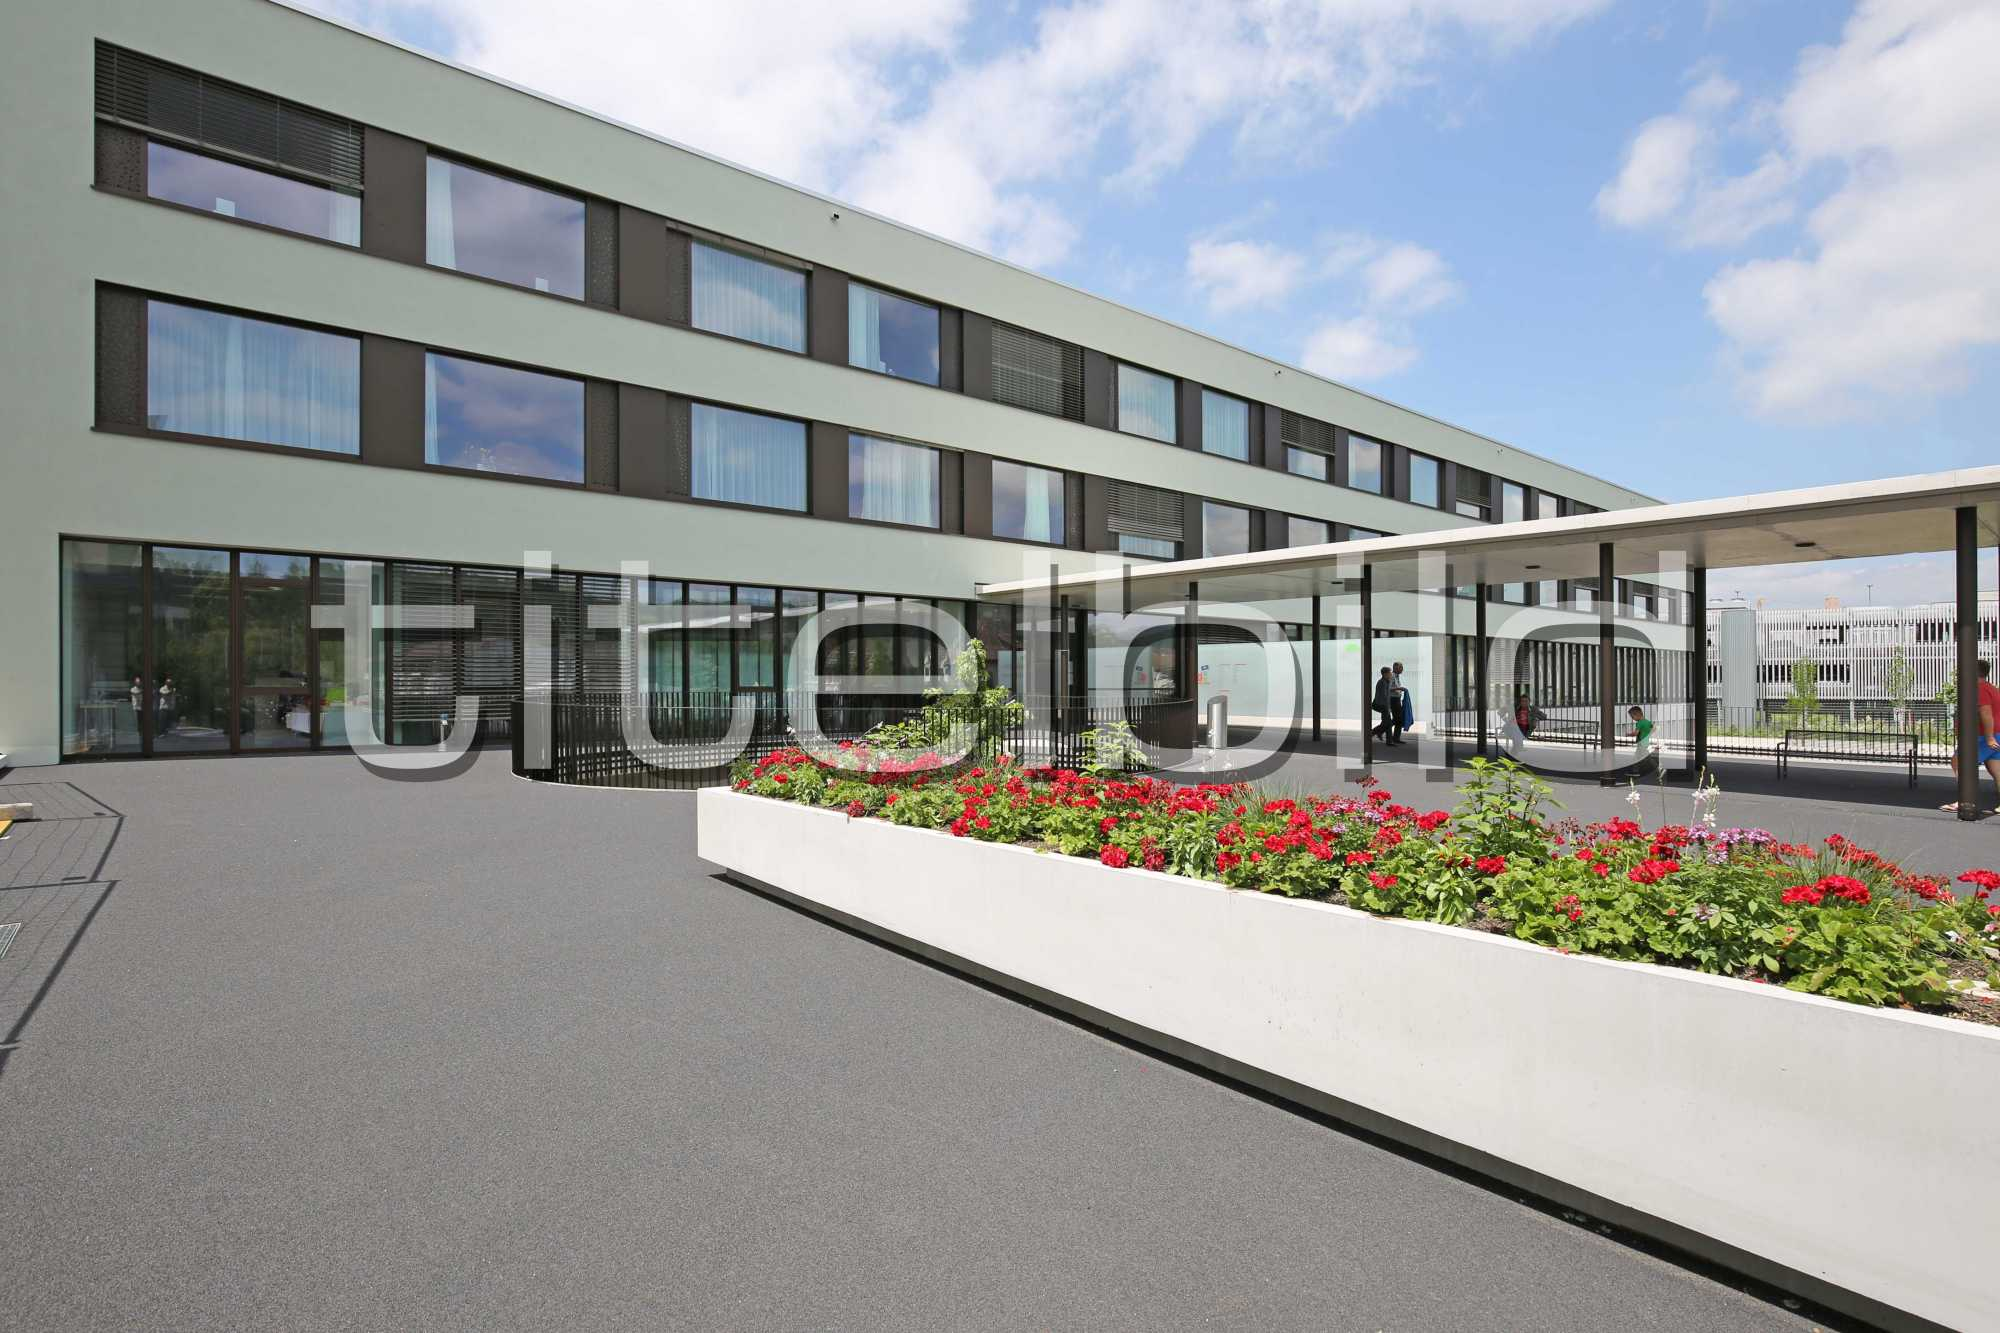 Projektbild-Nr. 4: Regionalspital Emmental, Spital Burgdorf